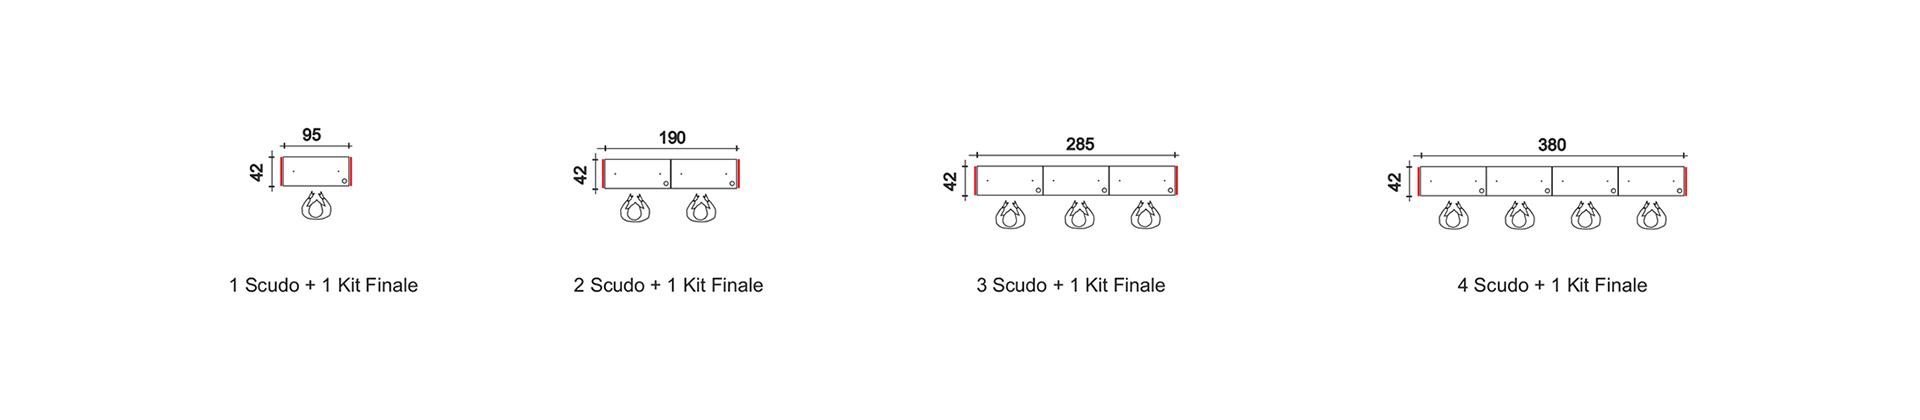 escritorio de módulos lineales